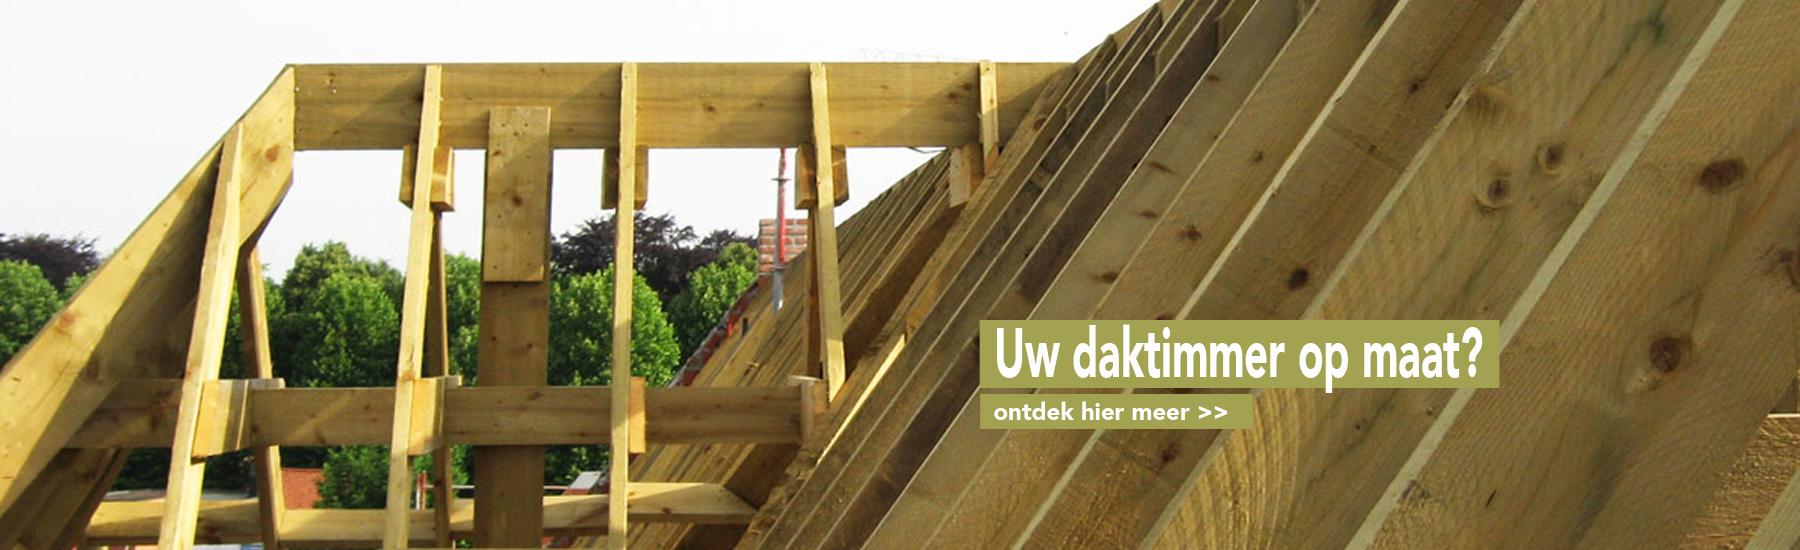 Homeslider-Dak-op-maat